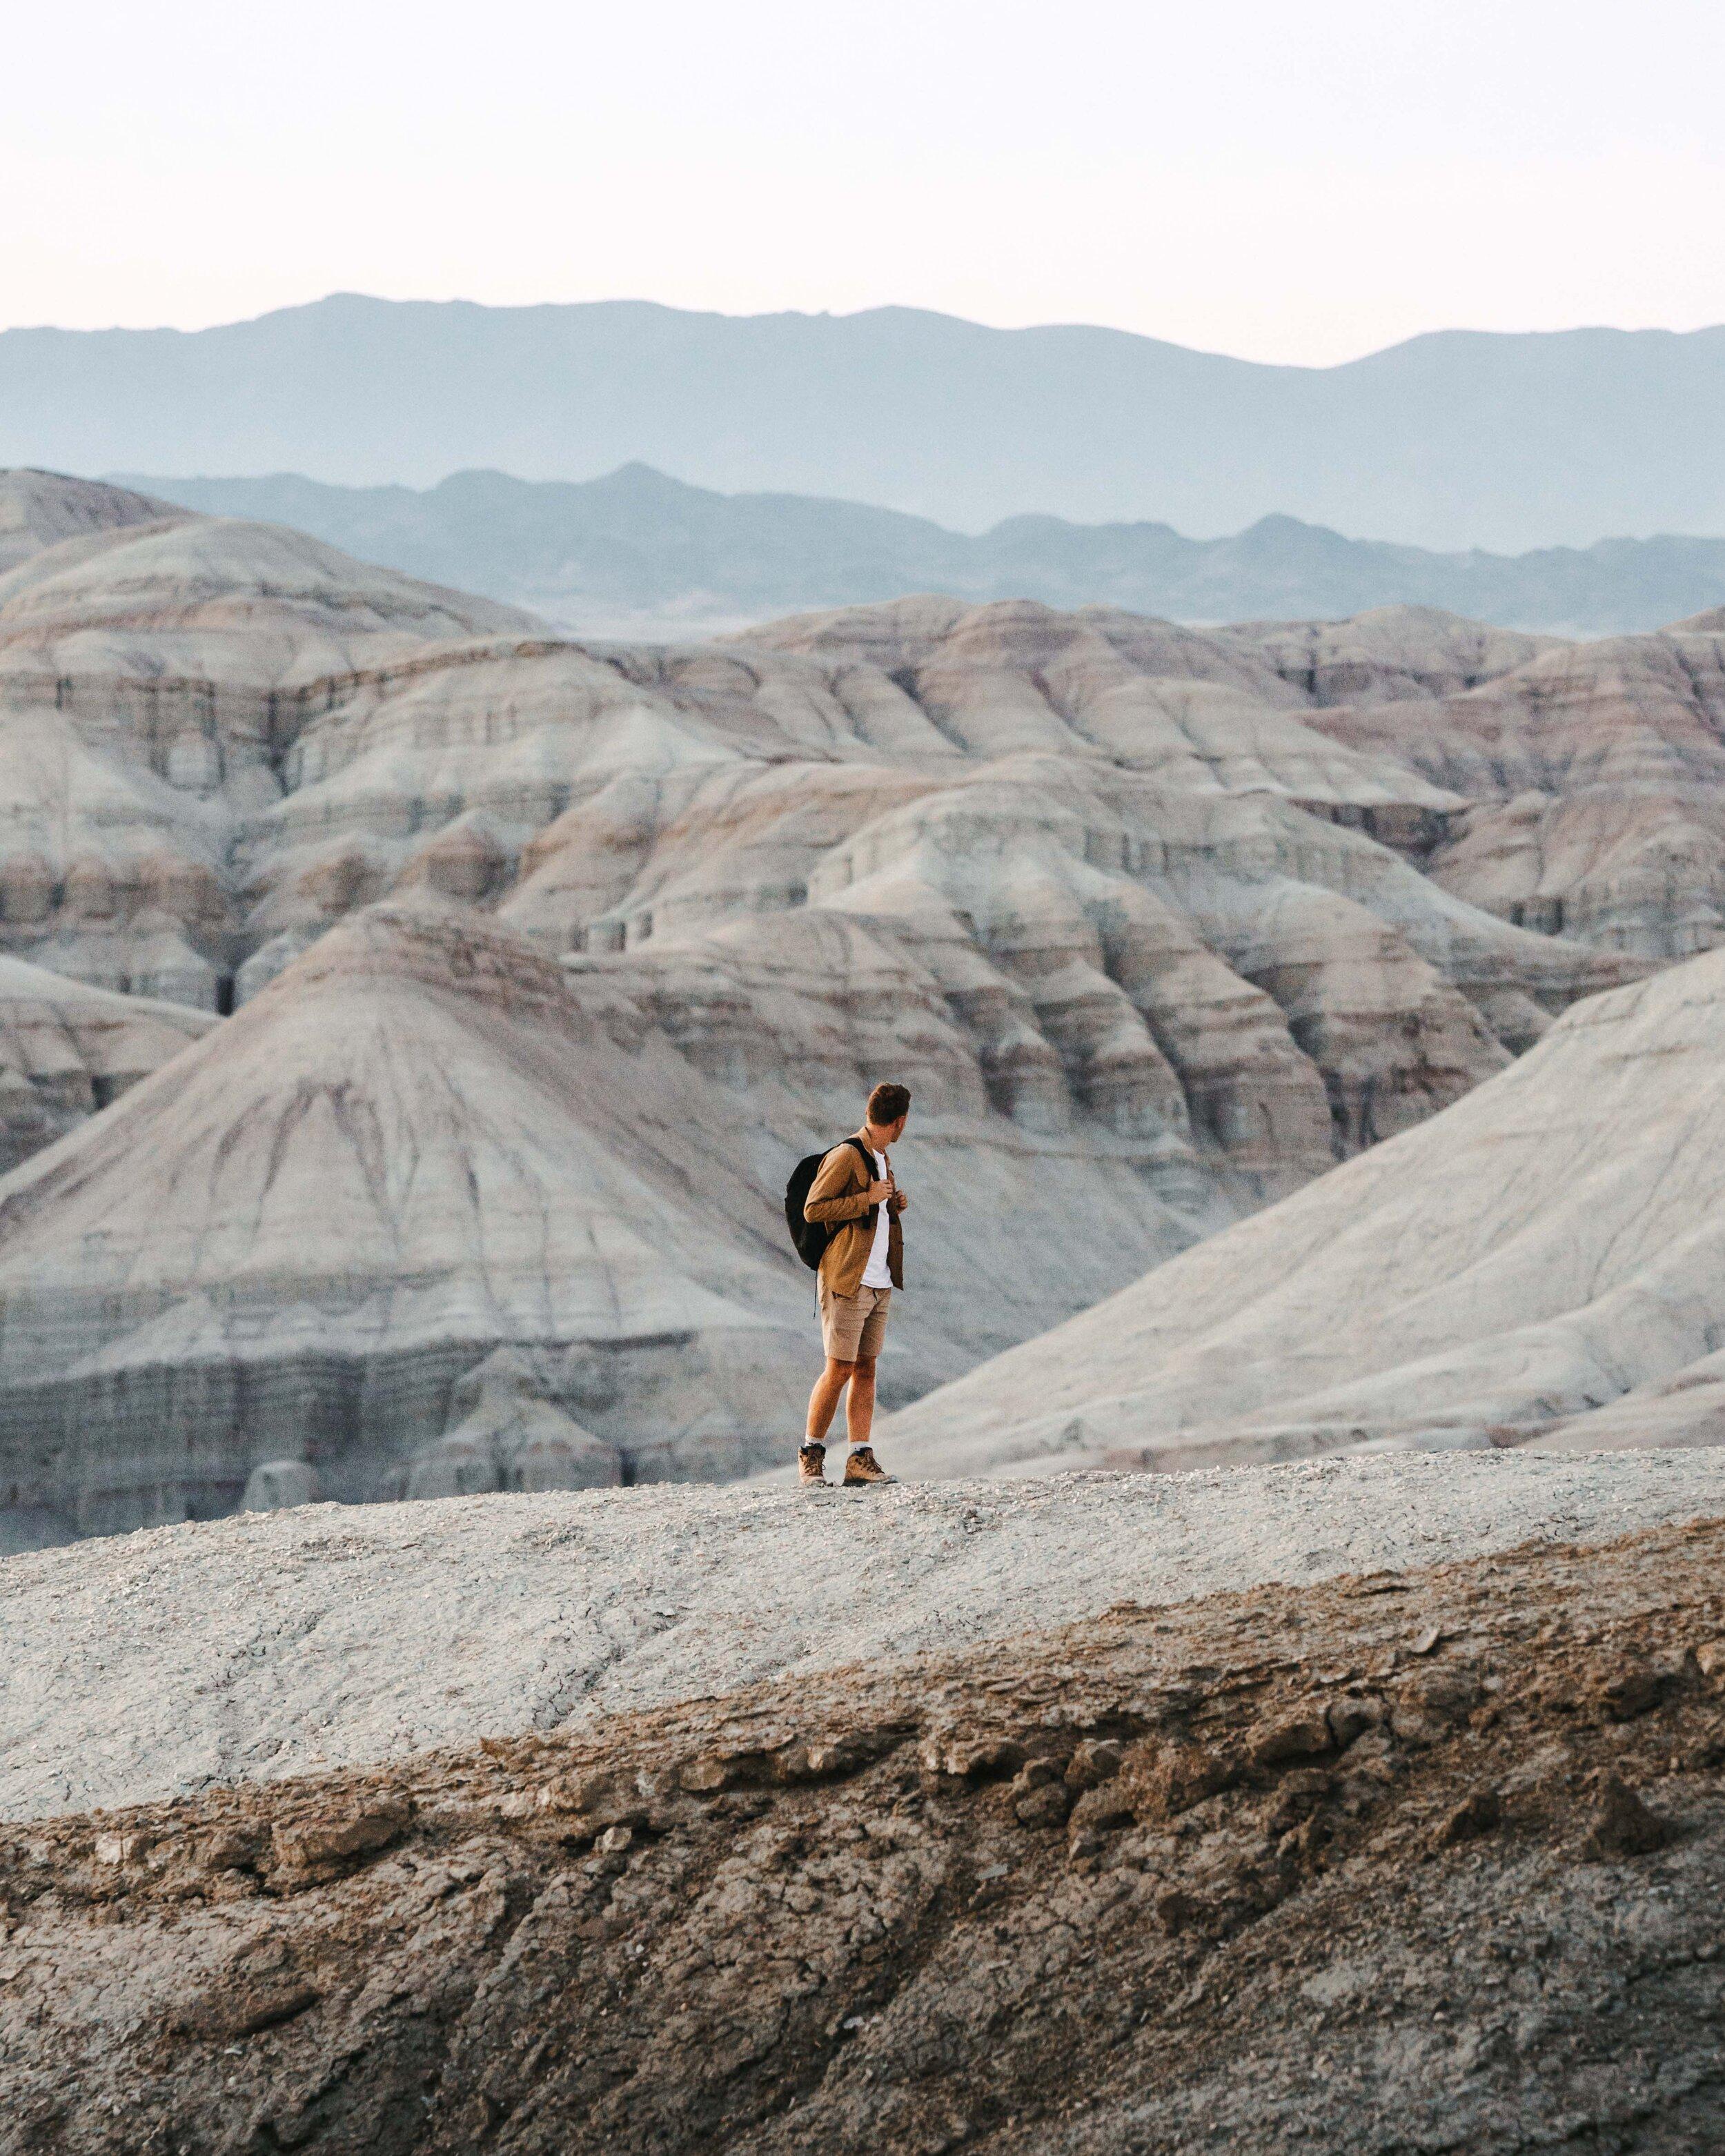 It's me! Enjoying the sensational views of Kazakhstan.